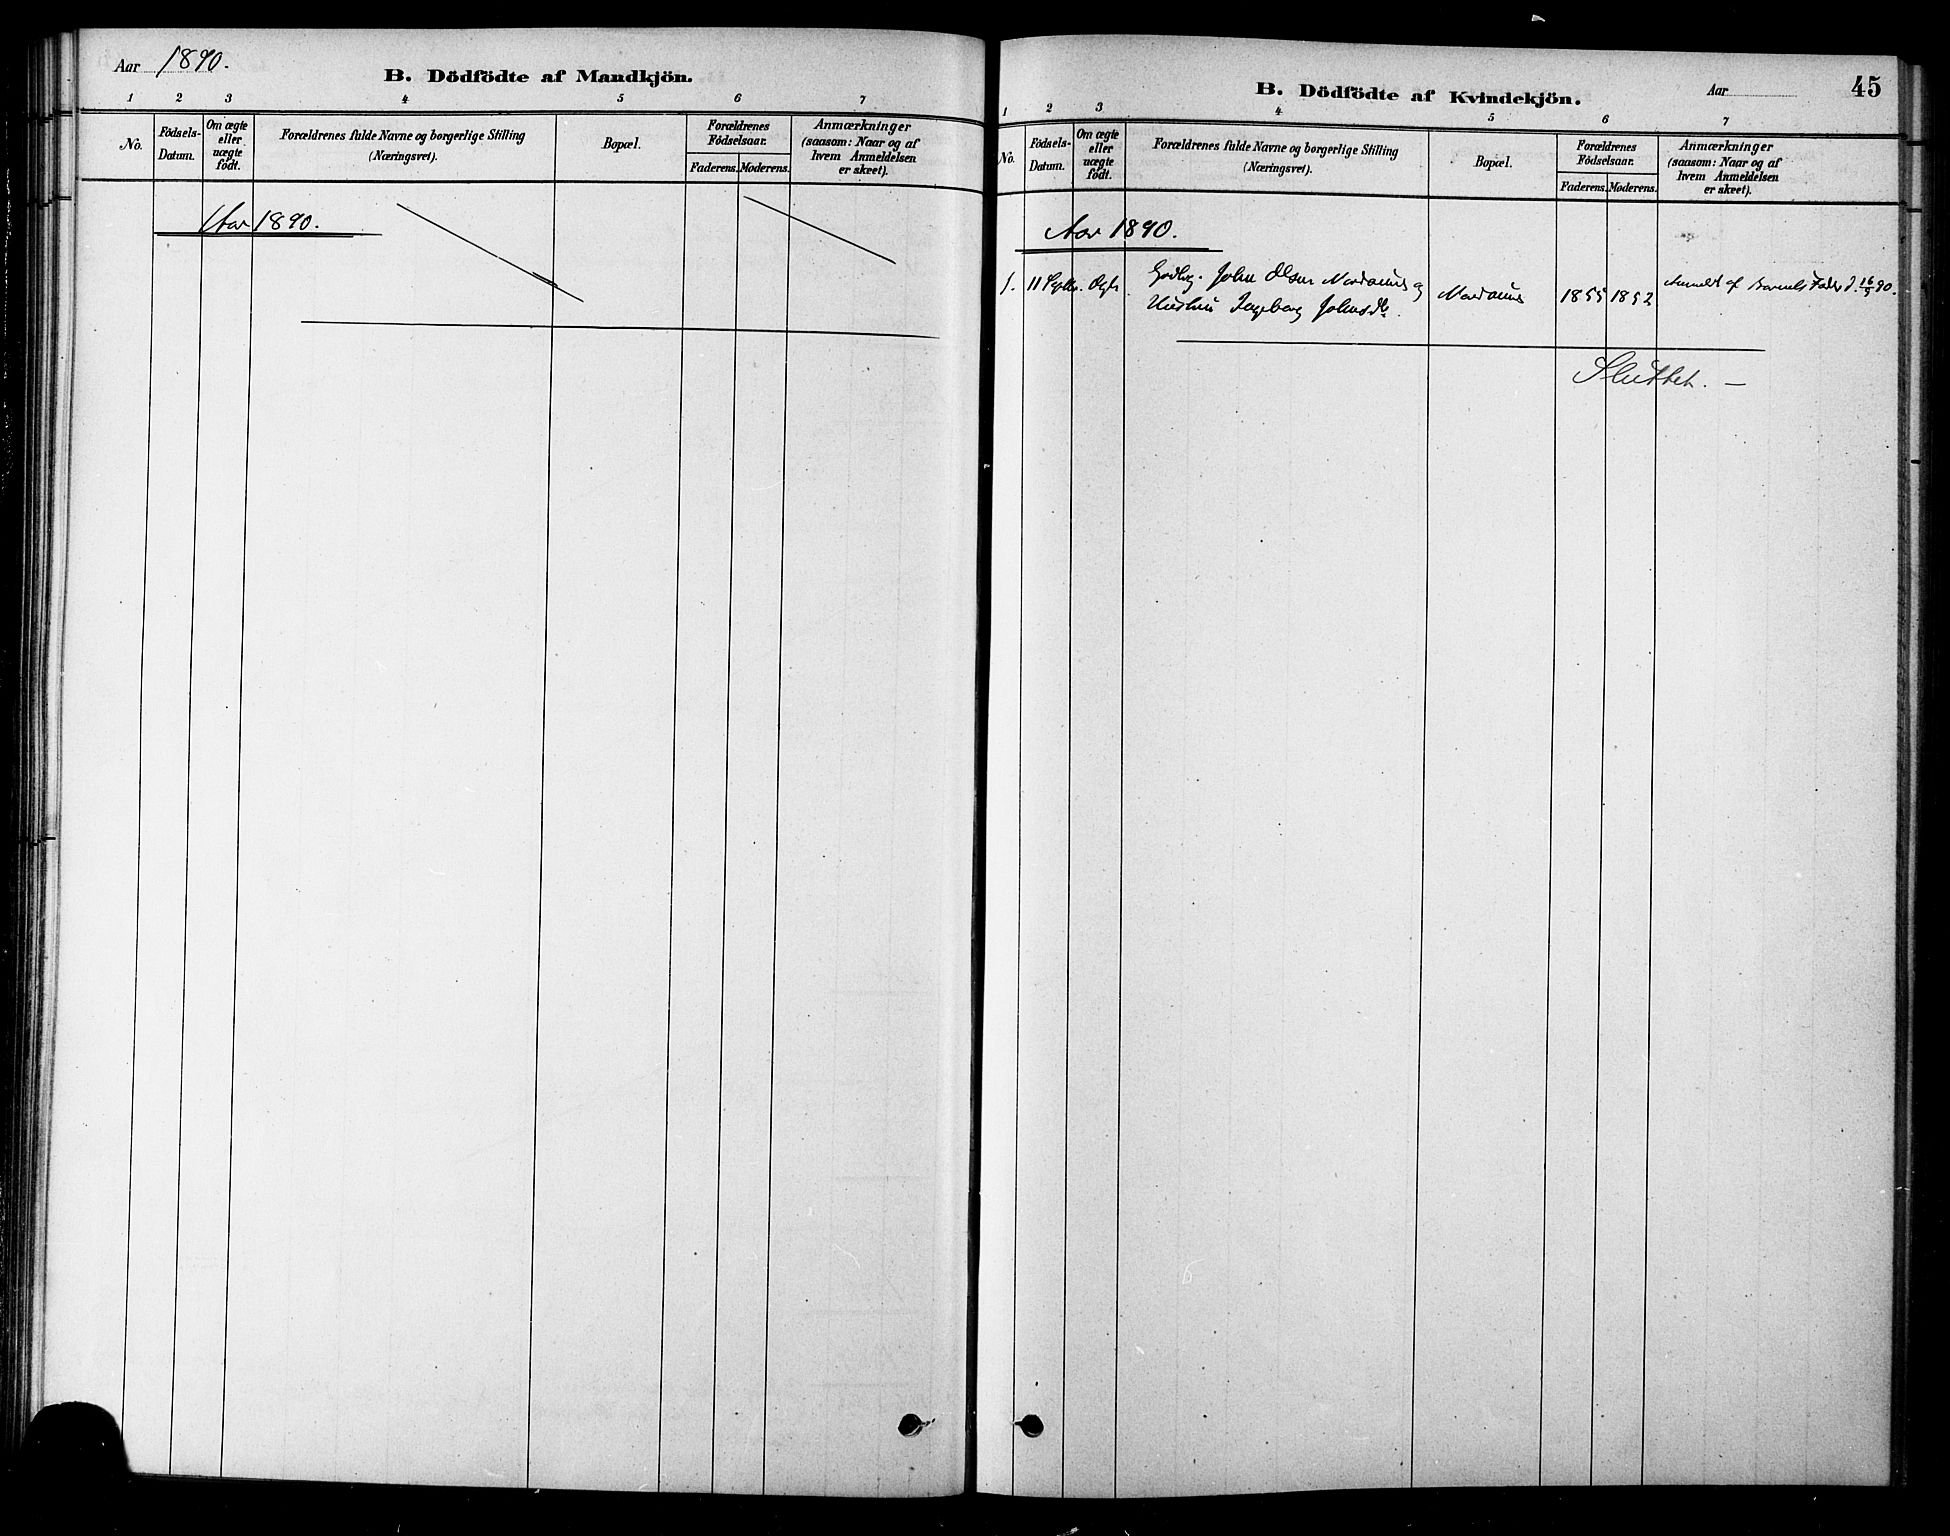 SAT, Ministerialprotokoller, klokkerbøker og fødselsregistre - Sør-Trøndelag, 685/L0972: Ministerialbok nr. 685A09, 1879-1890, s. 45